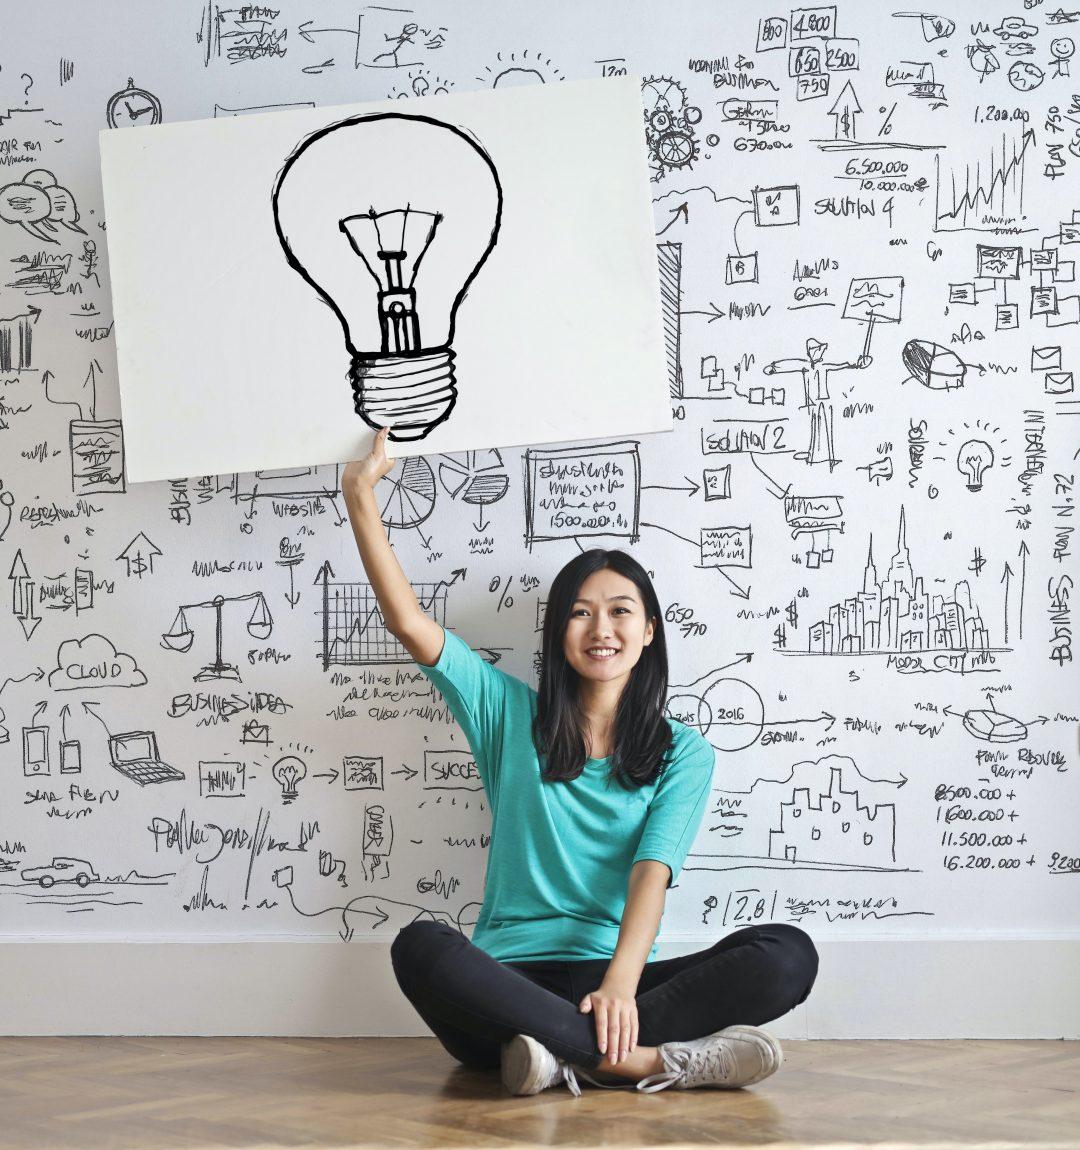 6 eigenschappen van succesvolle ondernemers